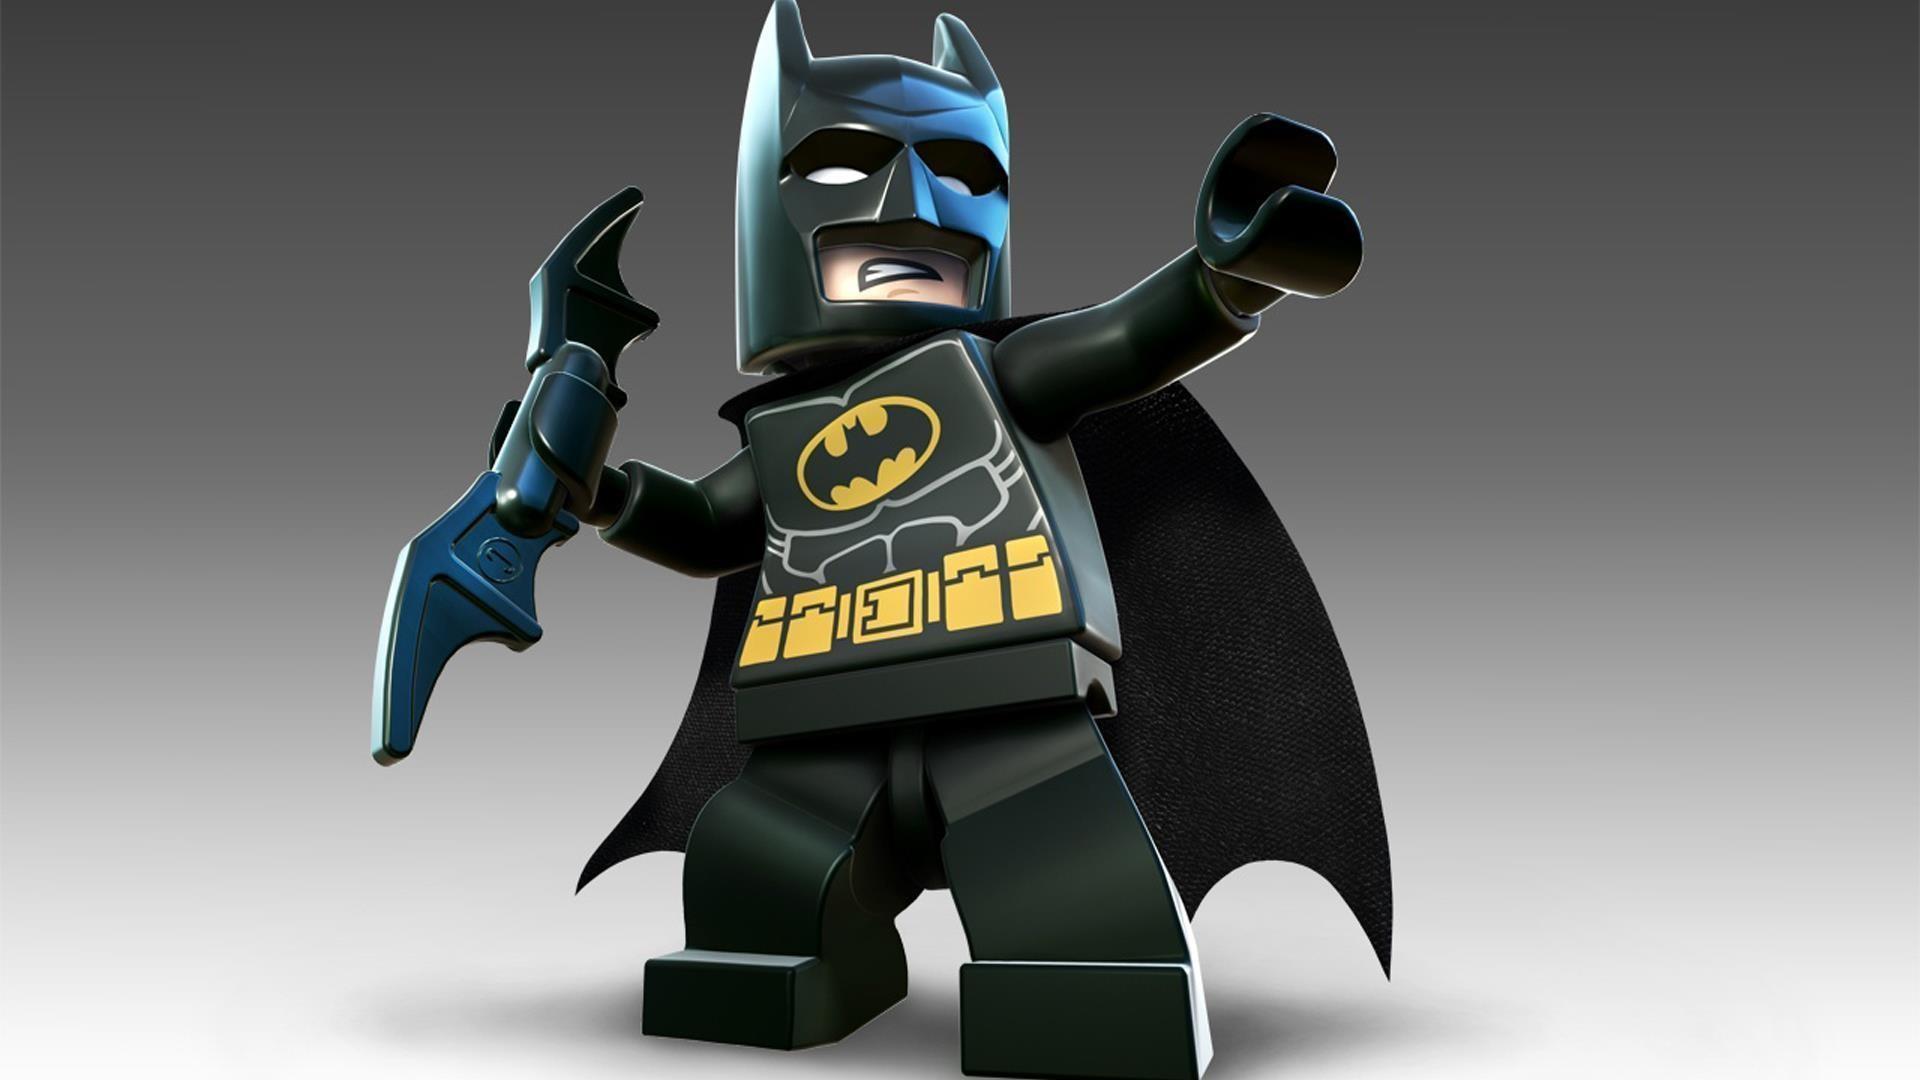 Res: 1920x1080, lego marvel superheroes hd wallpaper - Free Download Wallpaper .